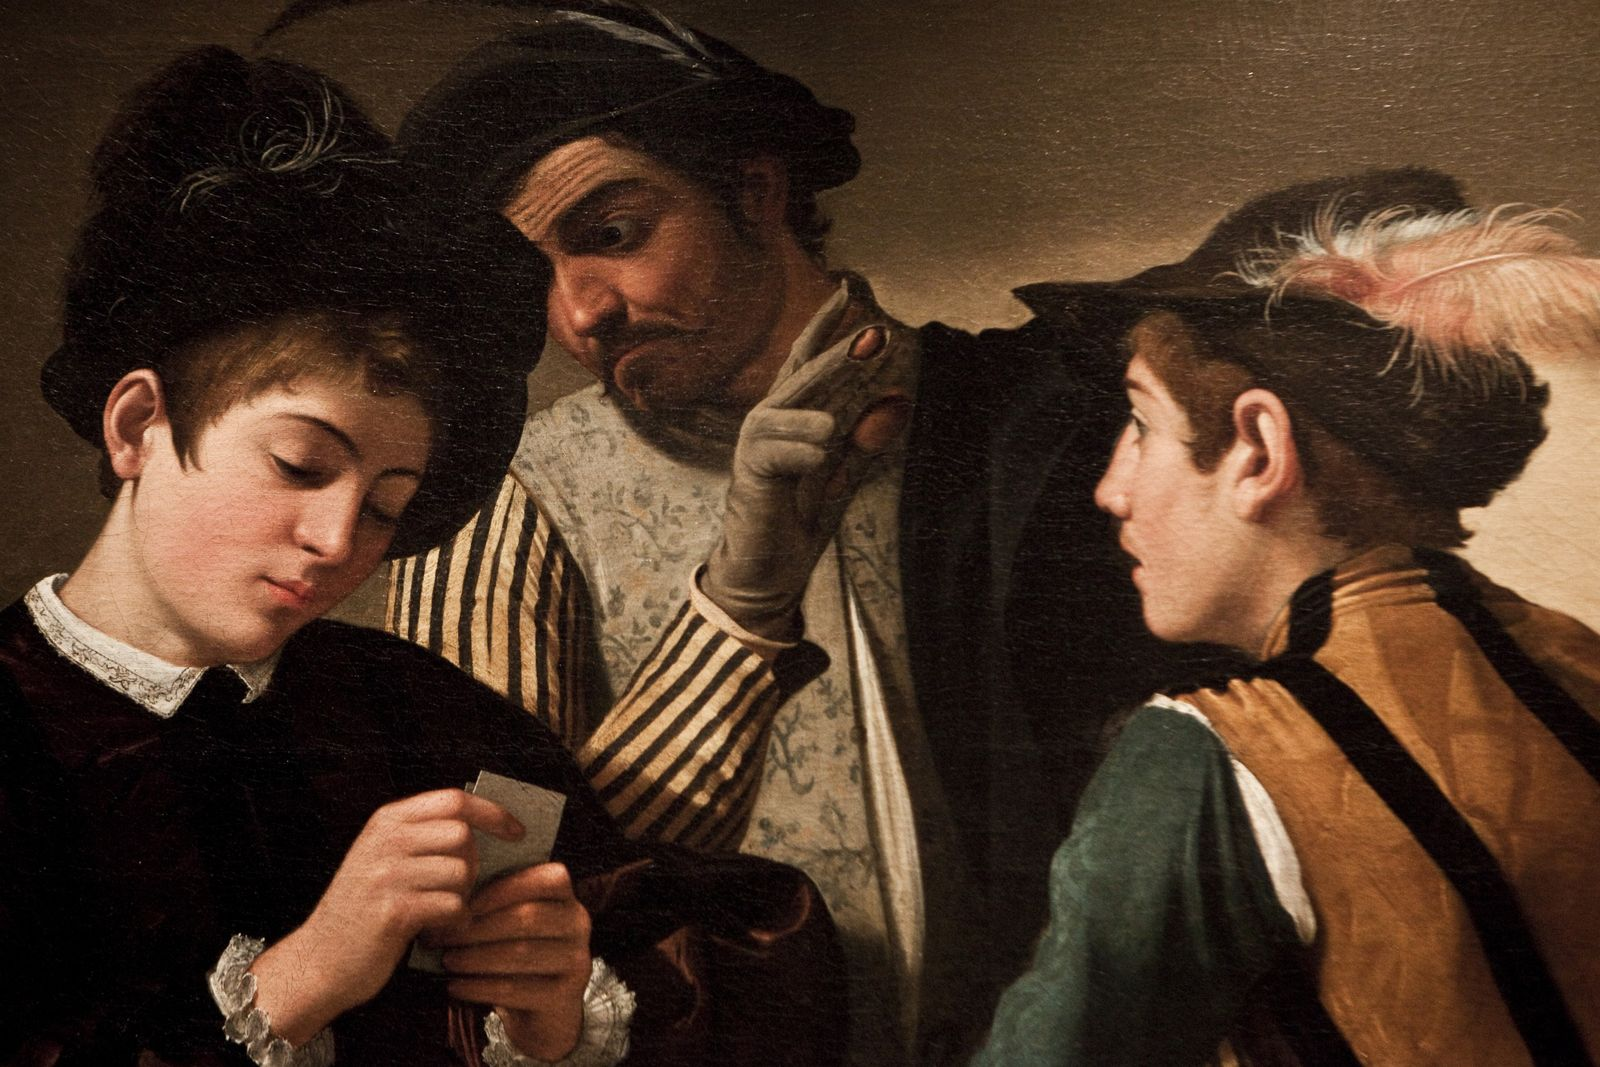 NICHT MEHR VERWENDEN! - Caravaggio/ Kartenspiel